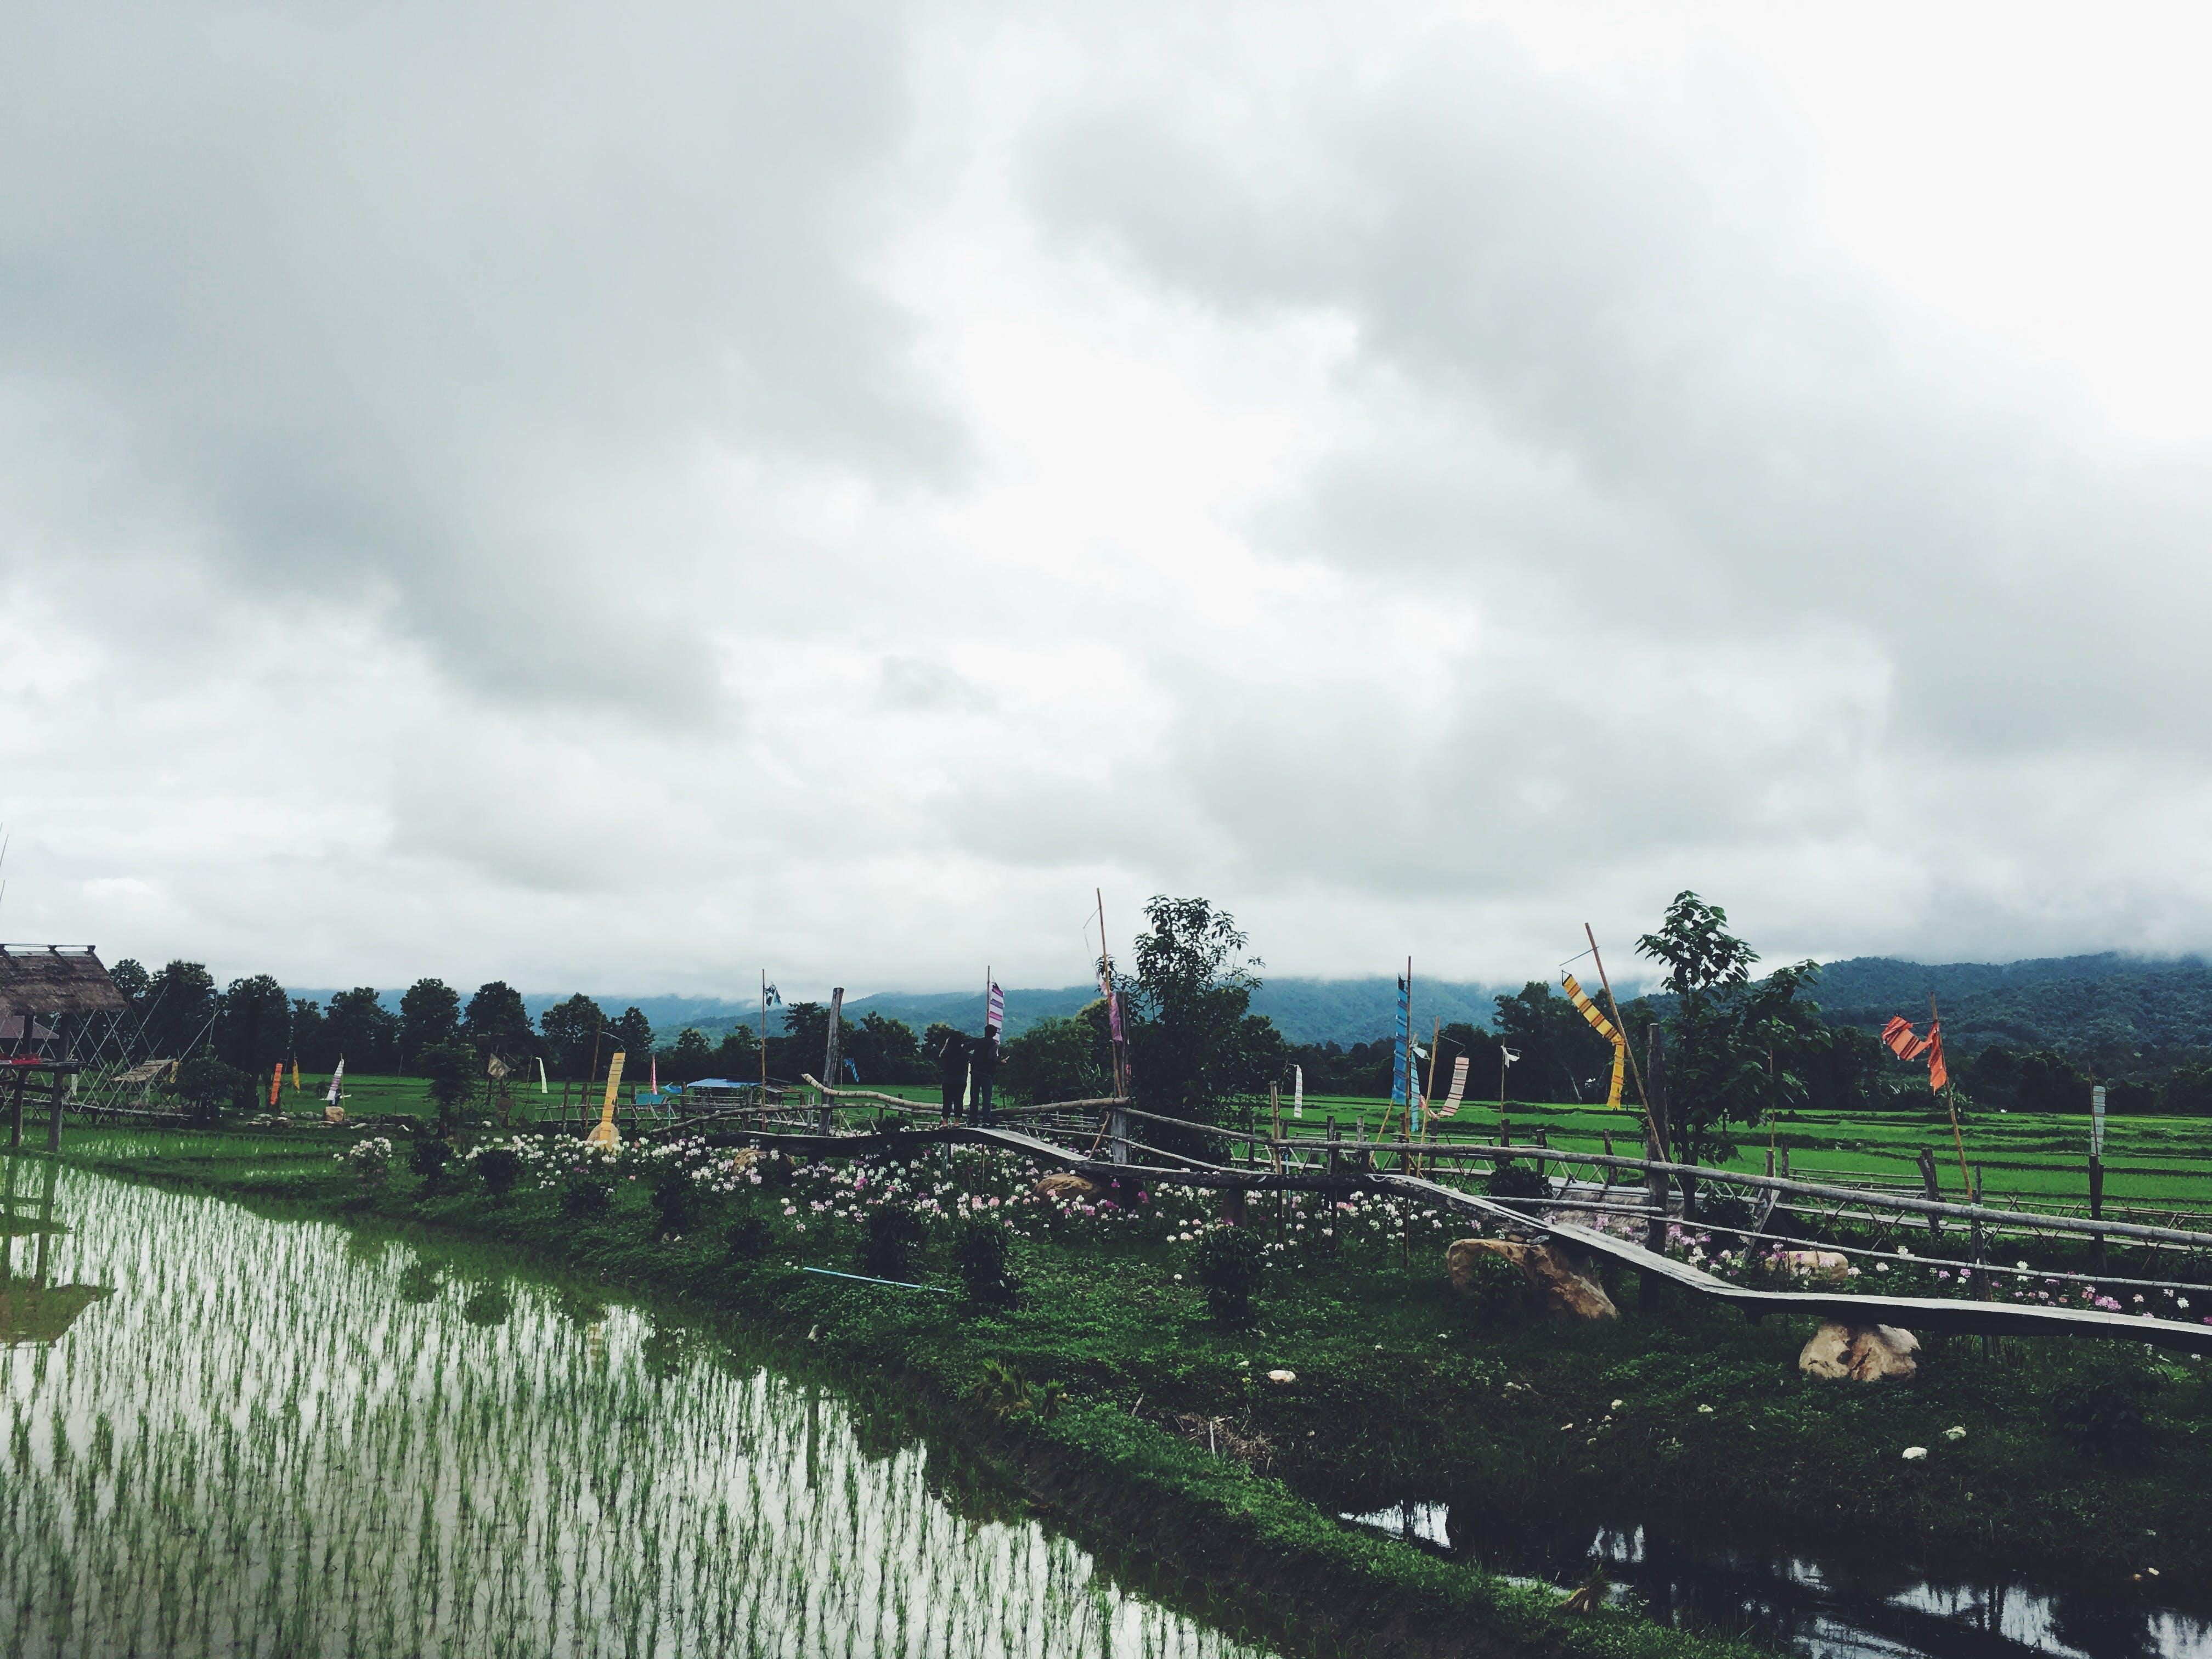 Crop Field Near Wooden Fence